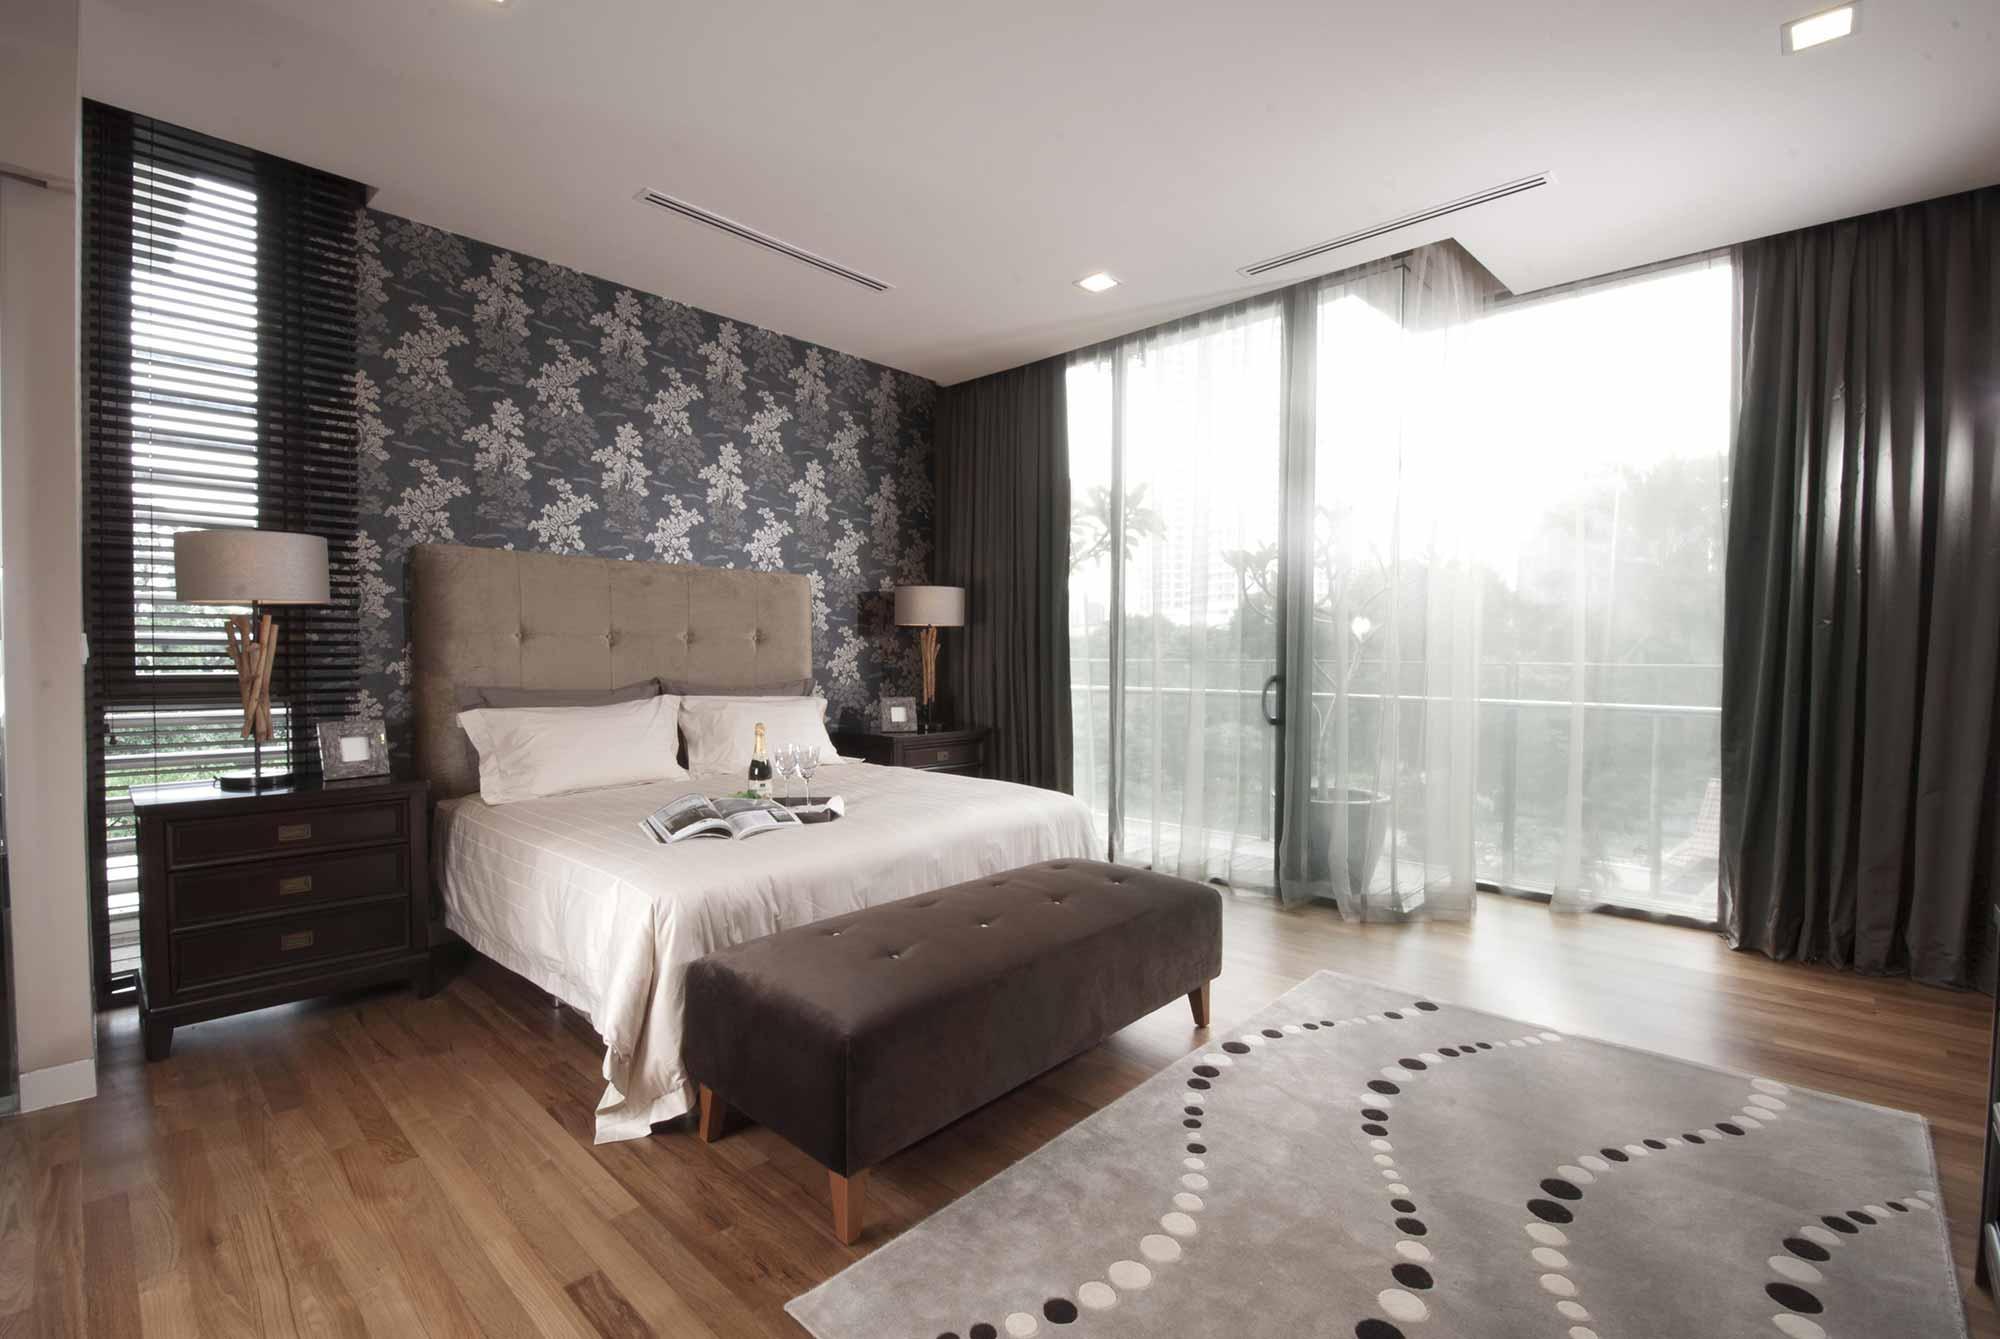 suria-stonor-bedroom